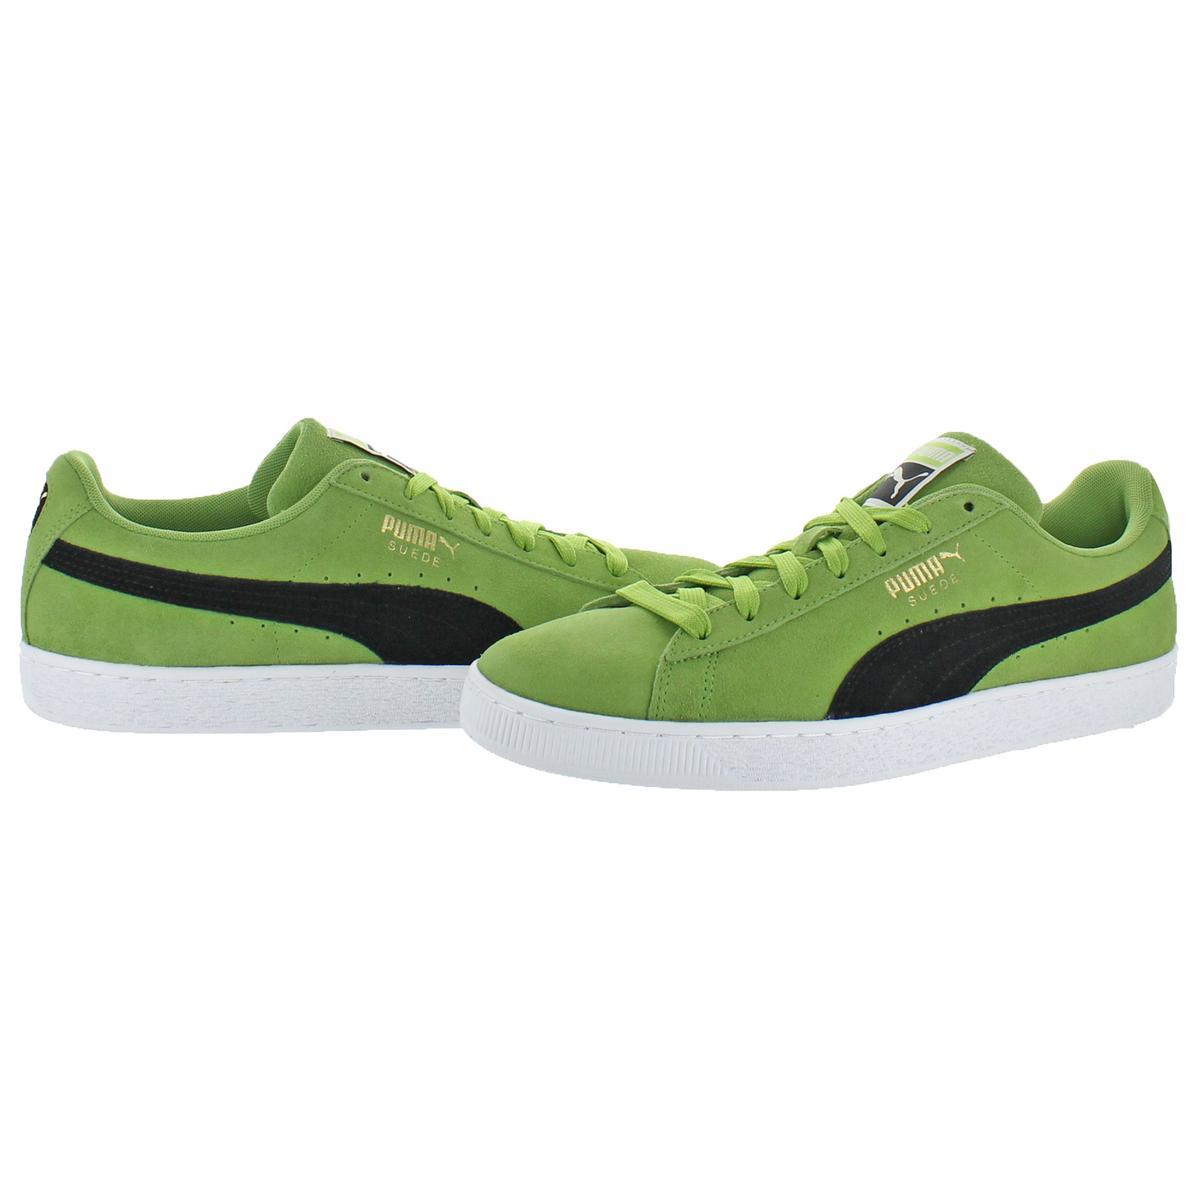 84f2d3c781 Details about Puma Suede Classic Men's Fashion Sneakers Shoes